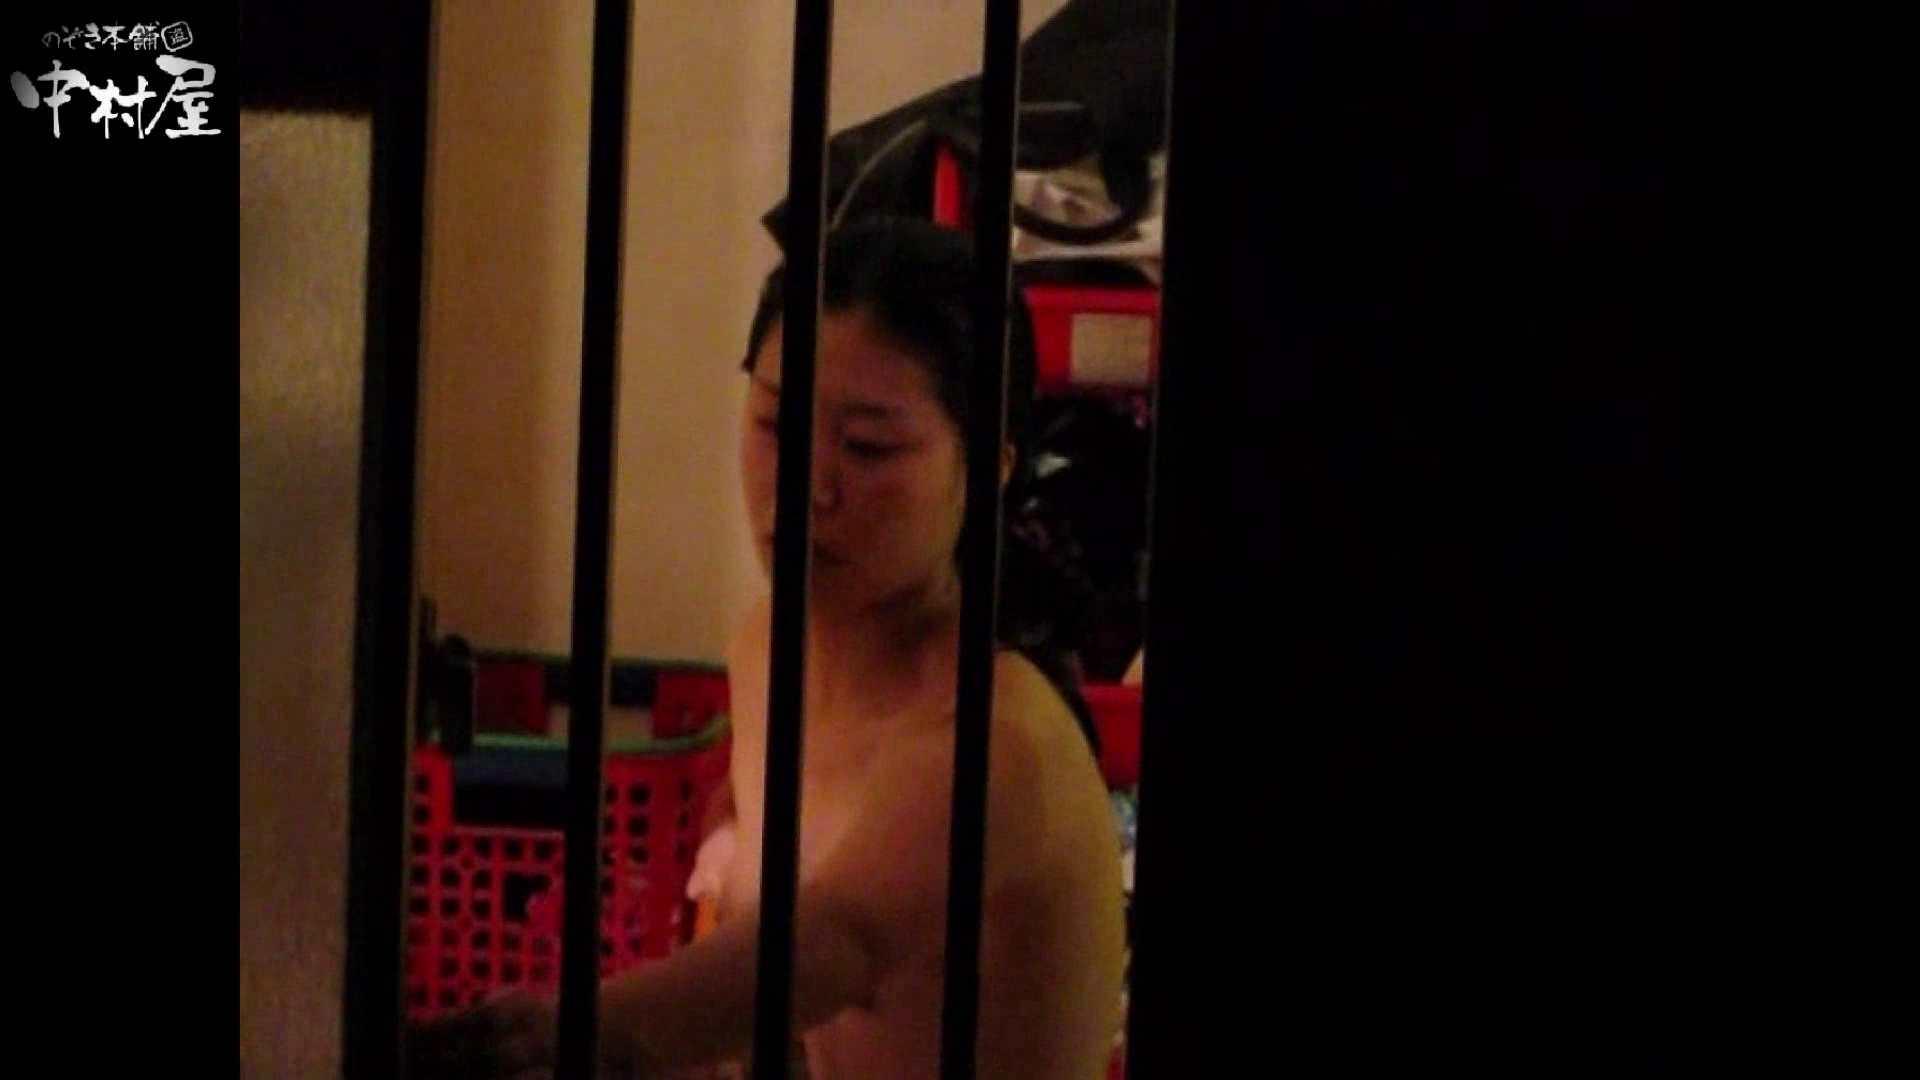 民家風呂専門盗撮師の超危険映像 vol.003 美女まとめ セックス無修正動画無料 76PIX 47